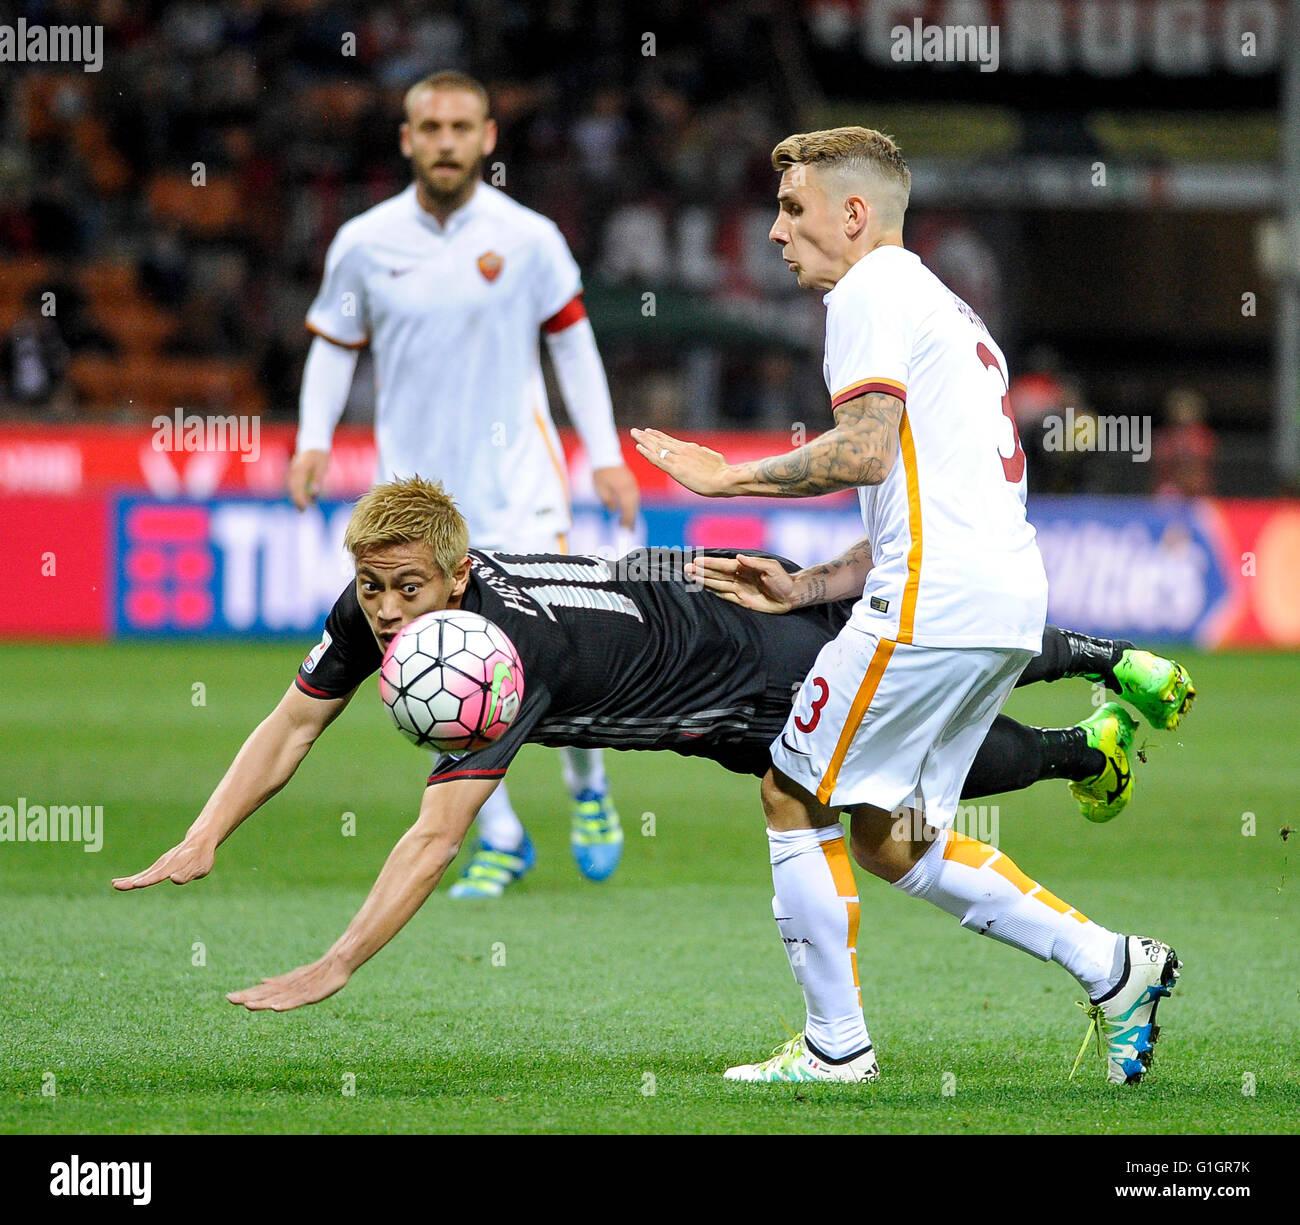 Milan Italy 14 may 2016 Keisuke Honda left and Lucas Digne